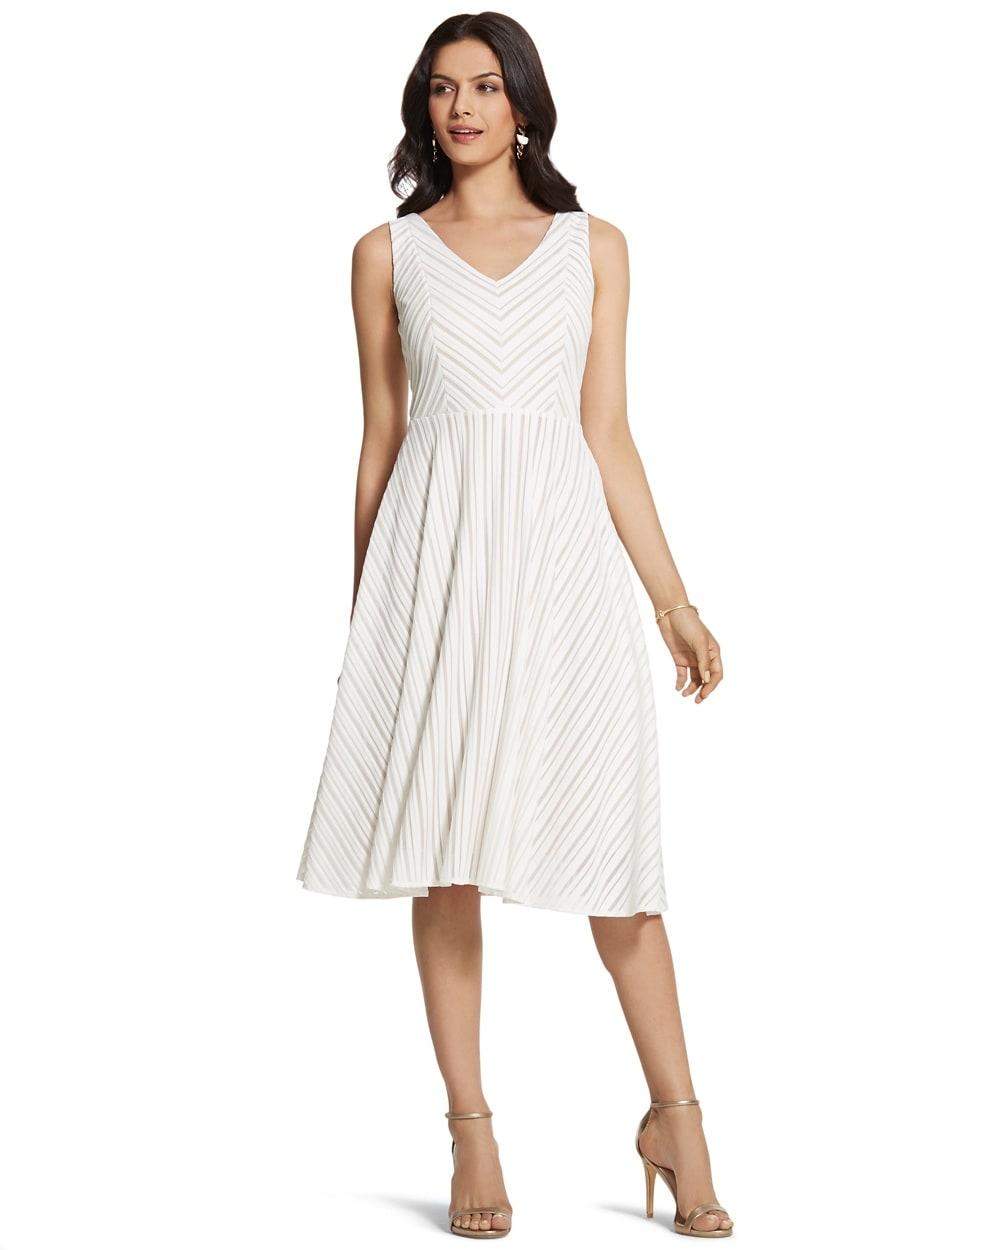 Chevron Striped Dress - Chico\'s